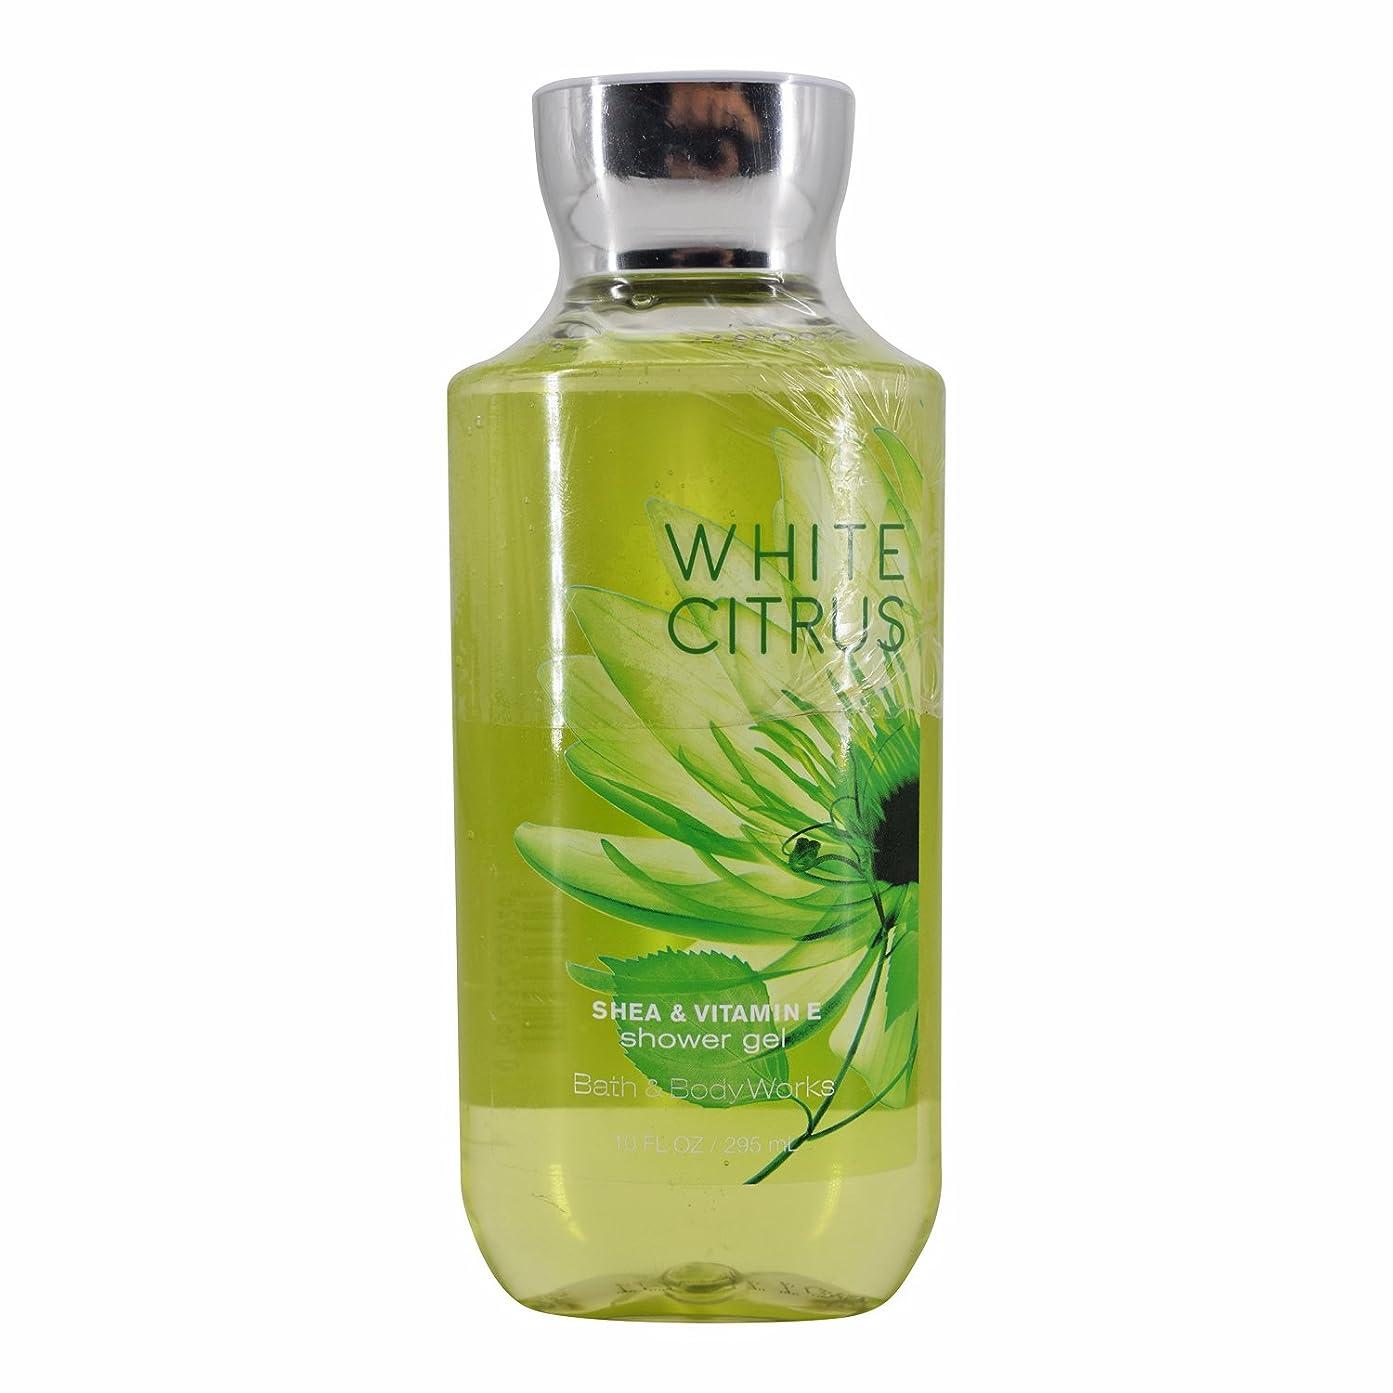 決めます効率的帳面バス&ボディワークス ホワイトシトラス シャワージェル White Citrus Shea & Vitamin-E Shower Gel